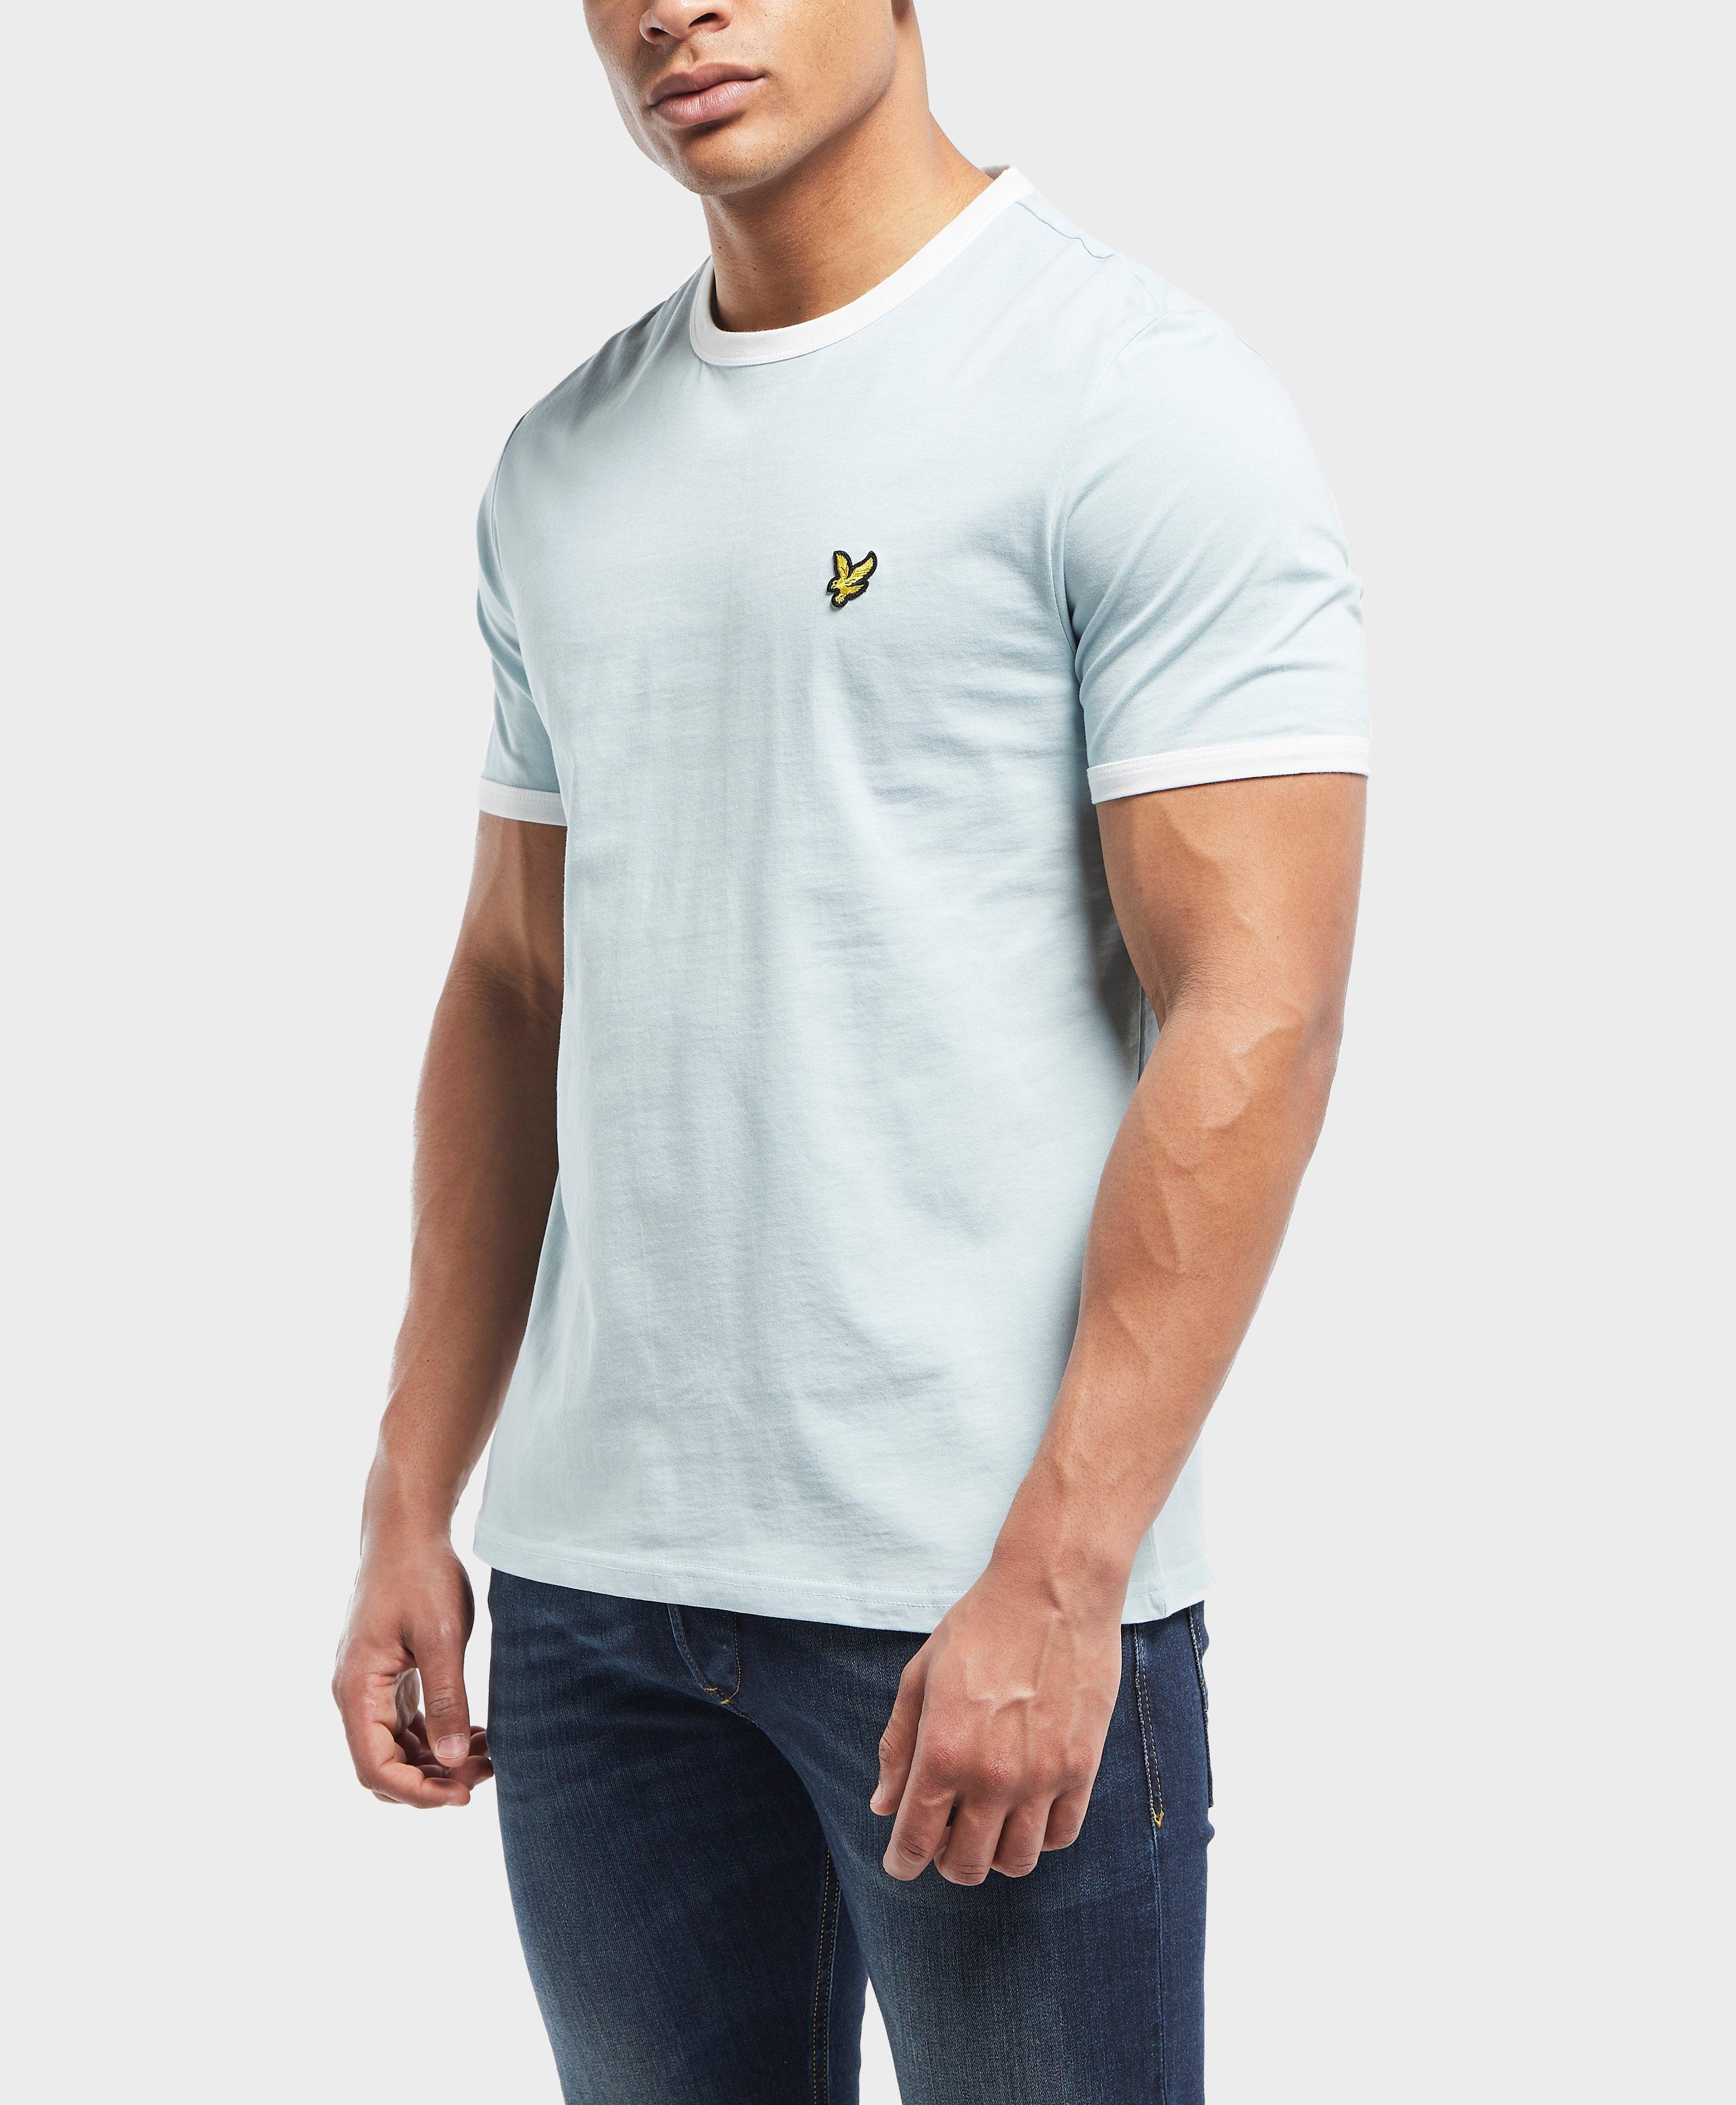 0177dac01 Lyle & Scott Short Sleeve Ringer T-shirt in Blue for Men - Lyst